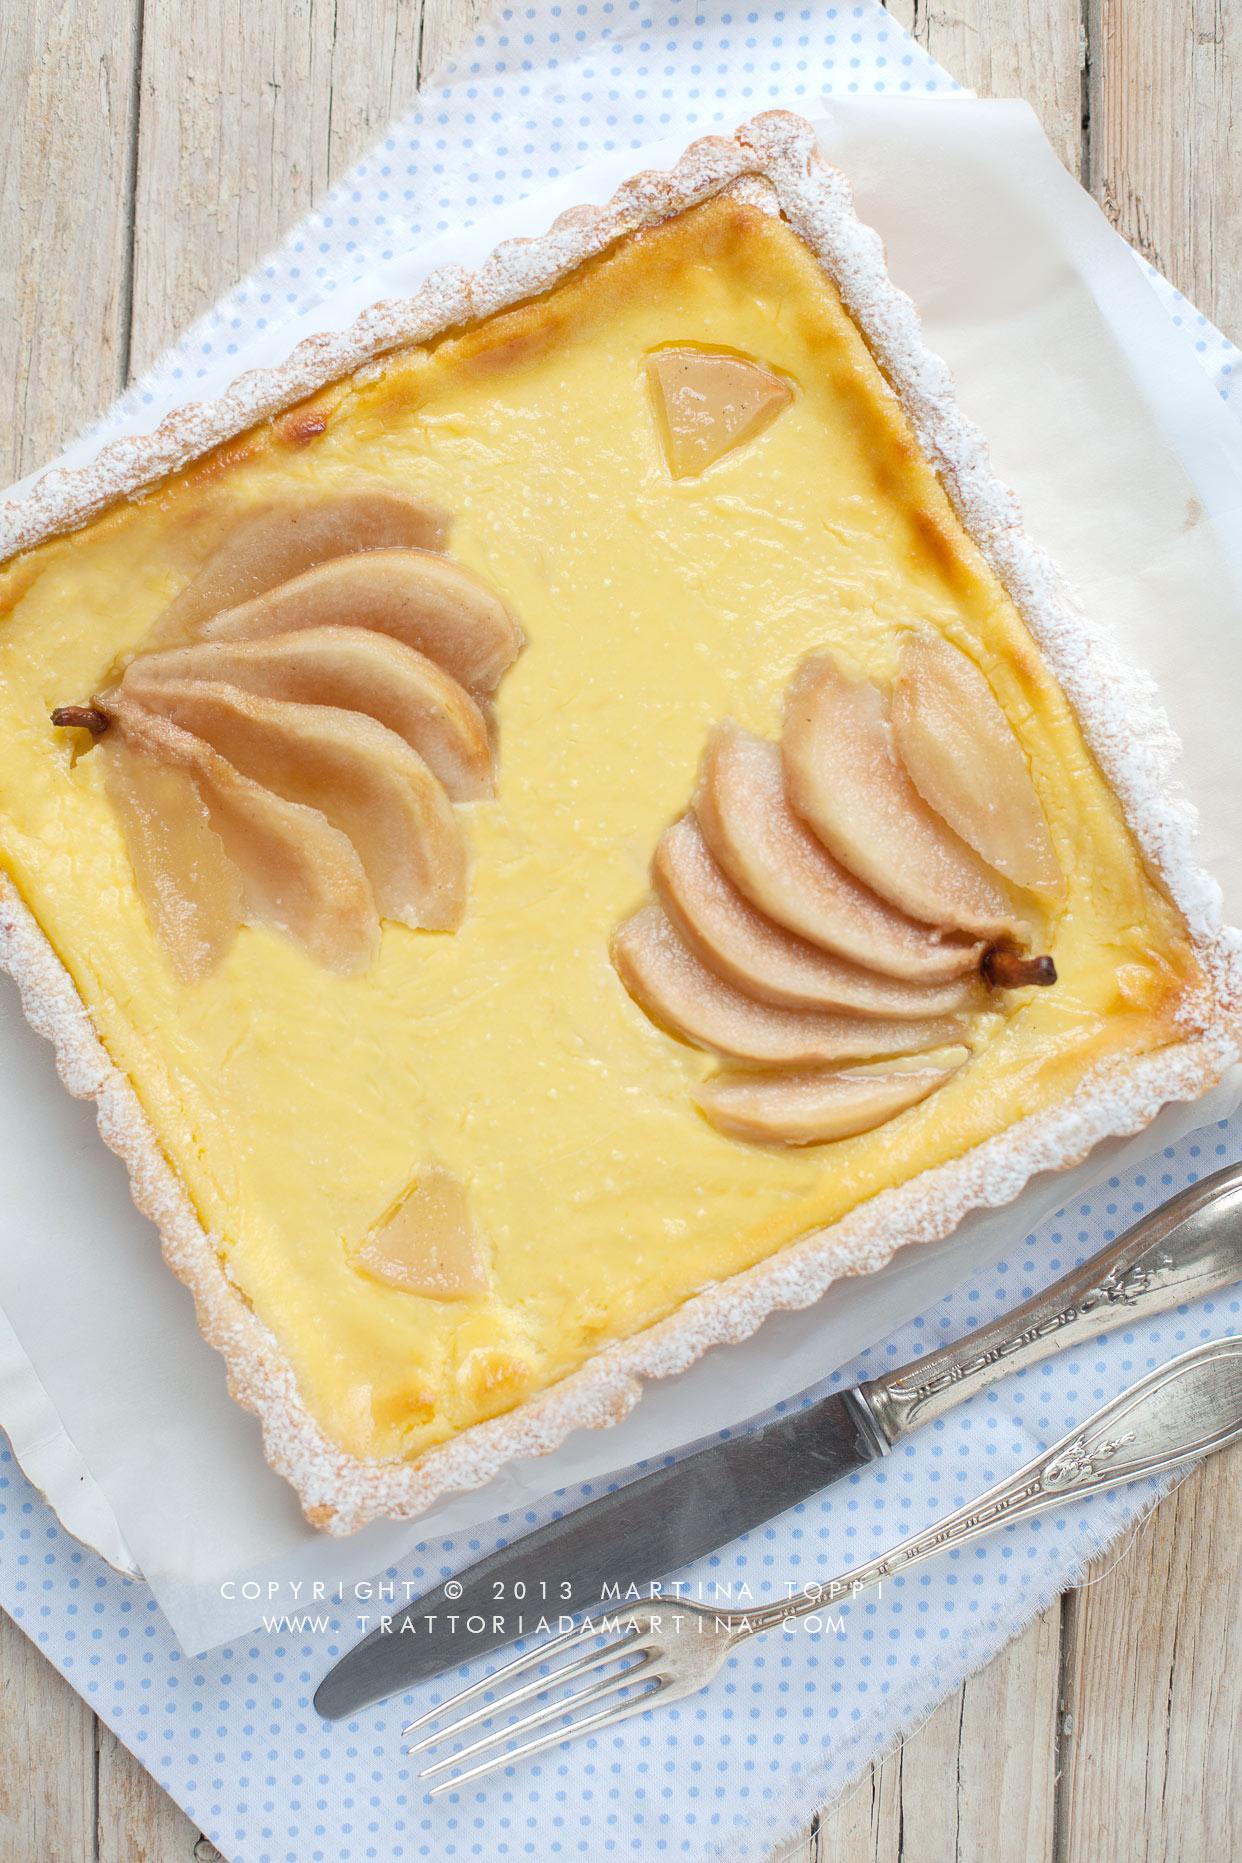 Crostata con crema di ricotta e pere caramellate al grand marnier trattoria da martina - Giornali di cucina ...